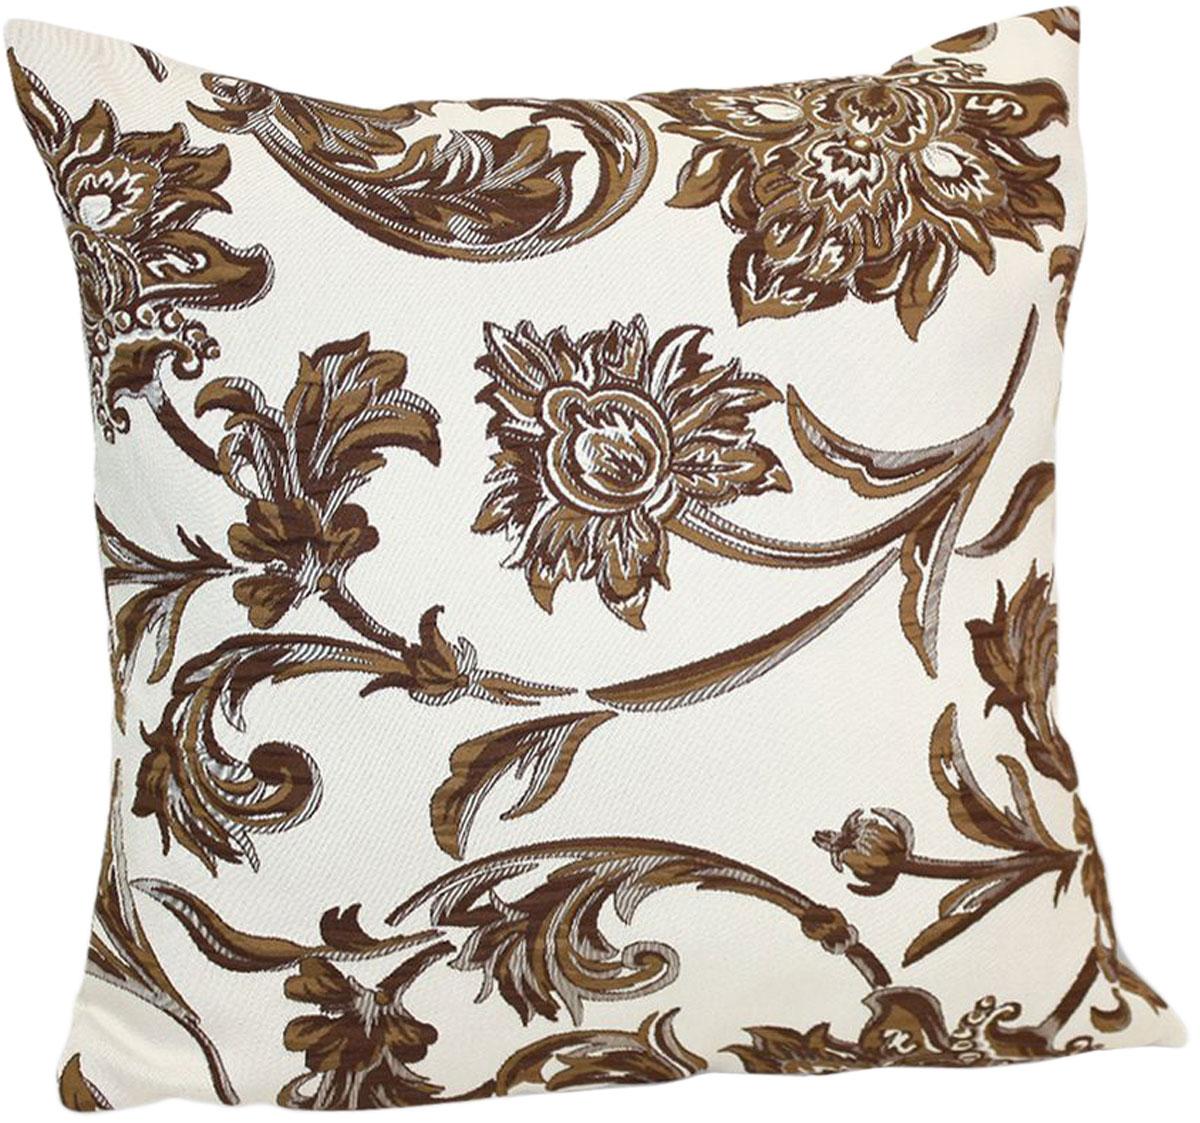 Подушка декоративная KauffOrt Руан, цвет: коричневый, 40 x 40 см3121040630Декоративная подушка Руан прекрасно дополнит интерьер спальни или гостиной. Чехолподушки выполнен из двухстороннего жаккарда. Внутри находится мягкий наполнитель.Чехоллегко снимаетсяблагодаря потайной молнии.